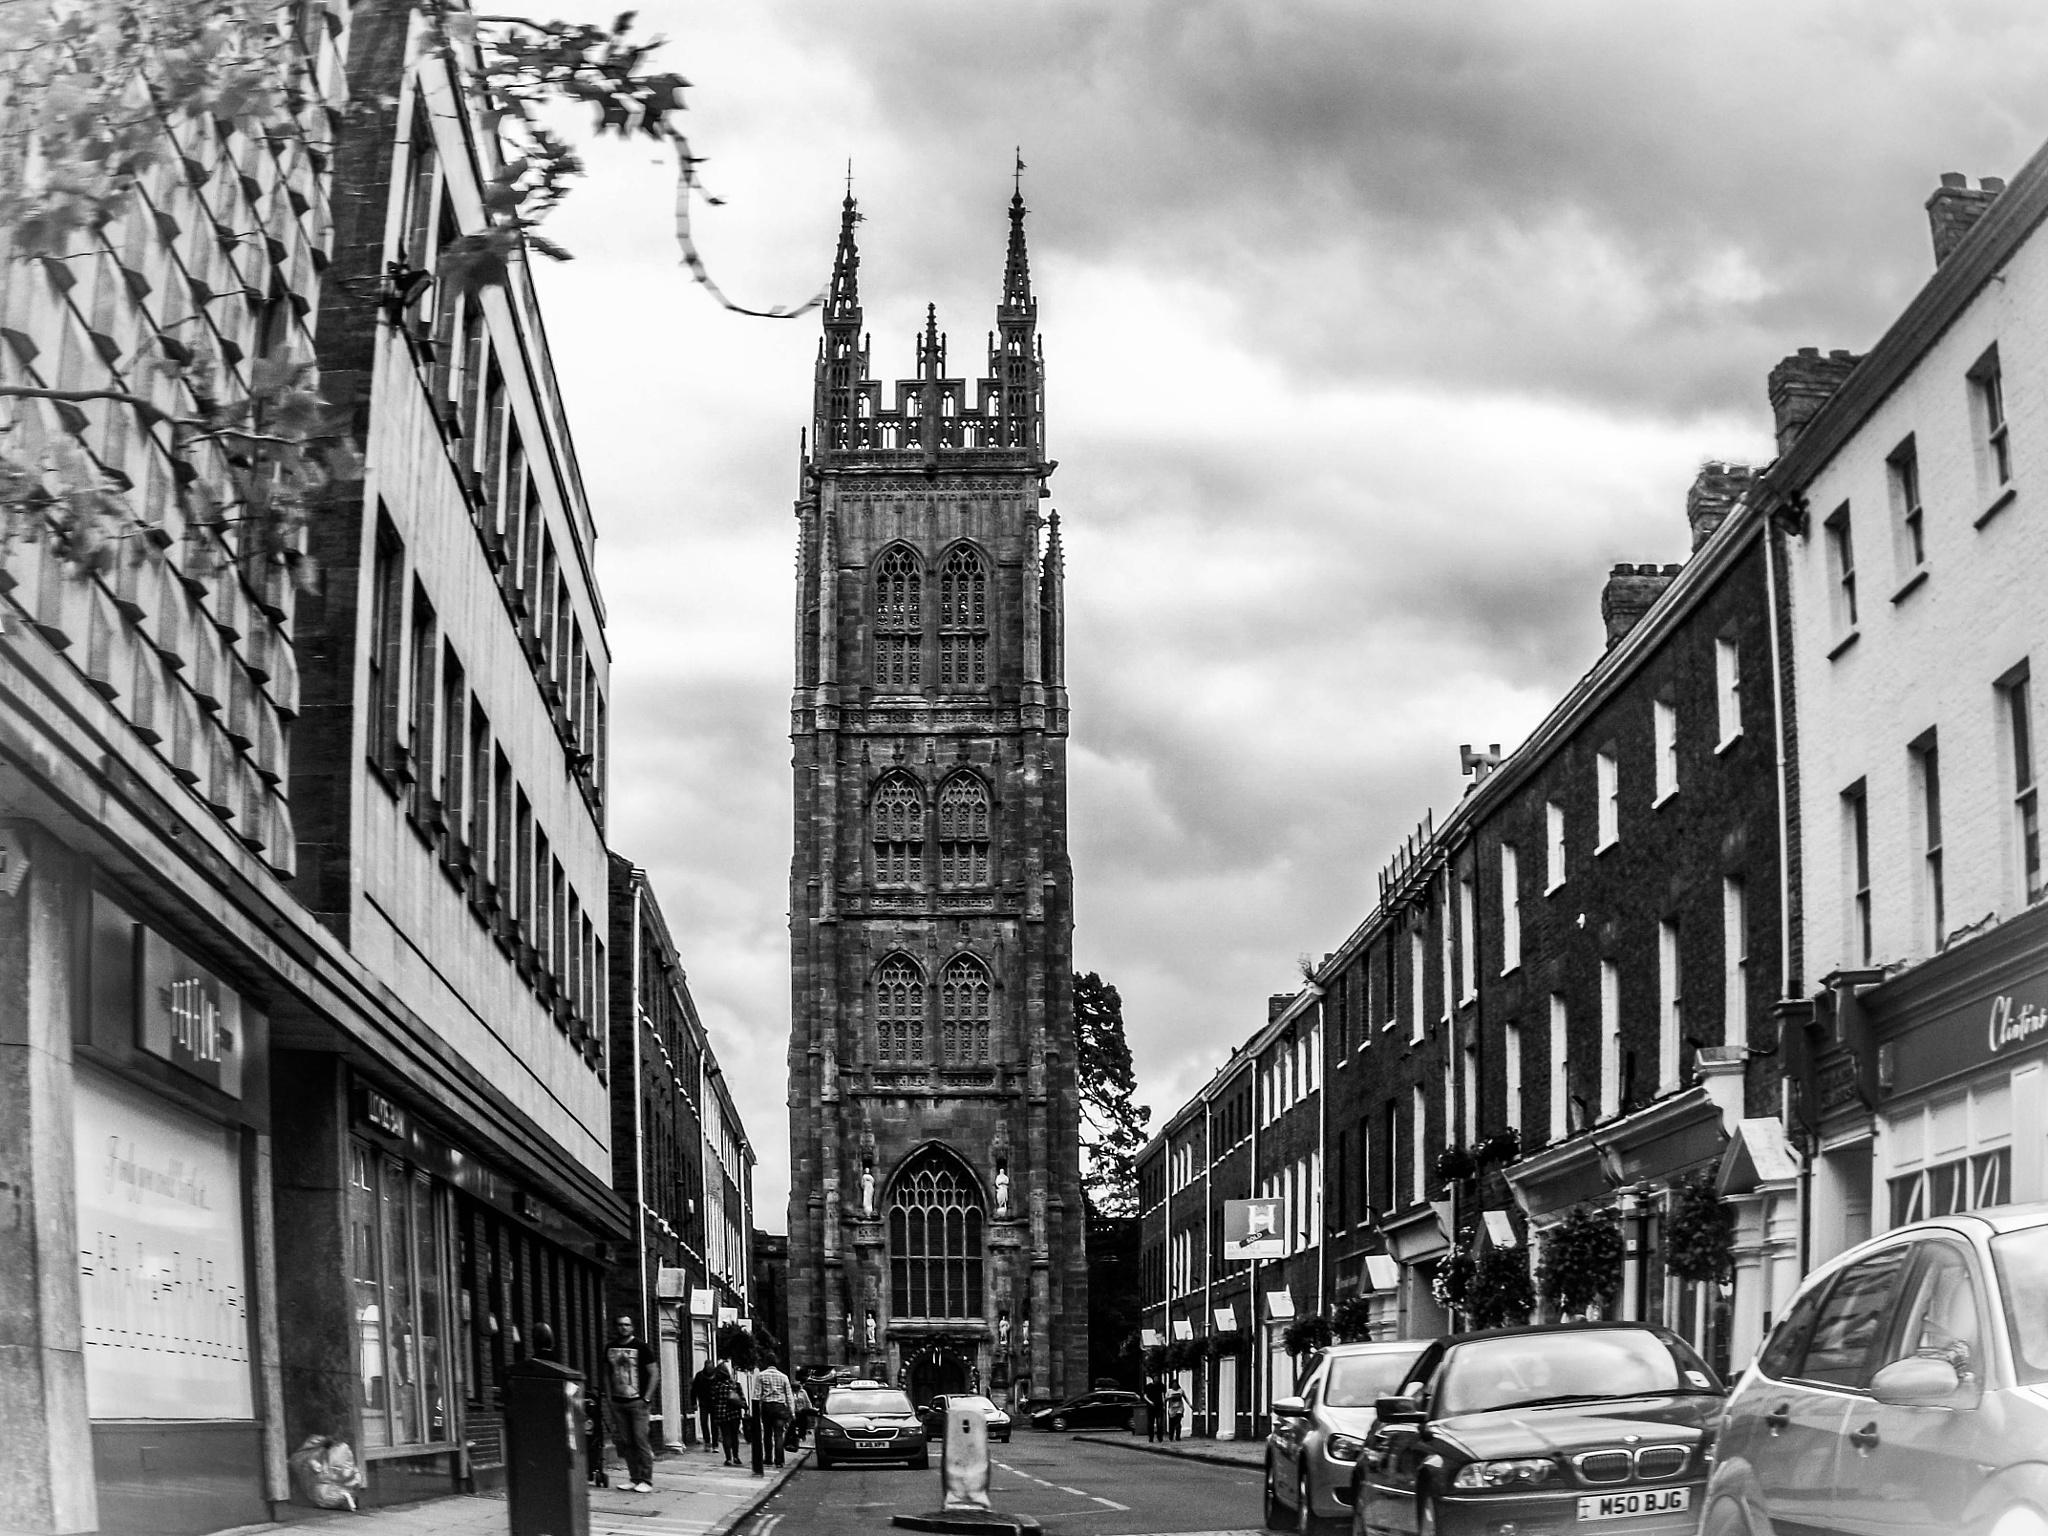 imposing church tower by Gemma Sizer